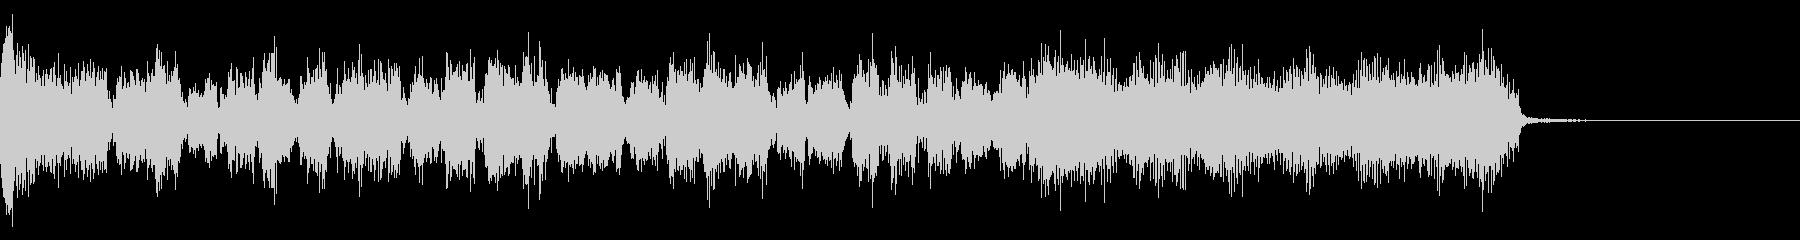 アイリッシュギターアコーディオンジングルの未再生の波形